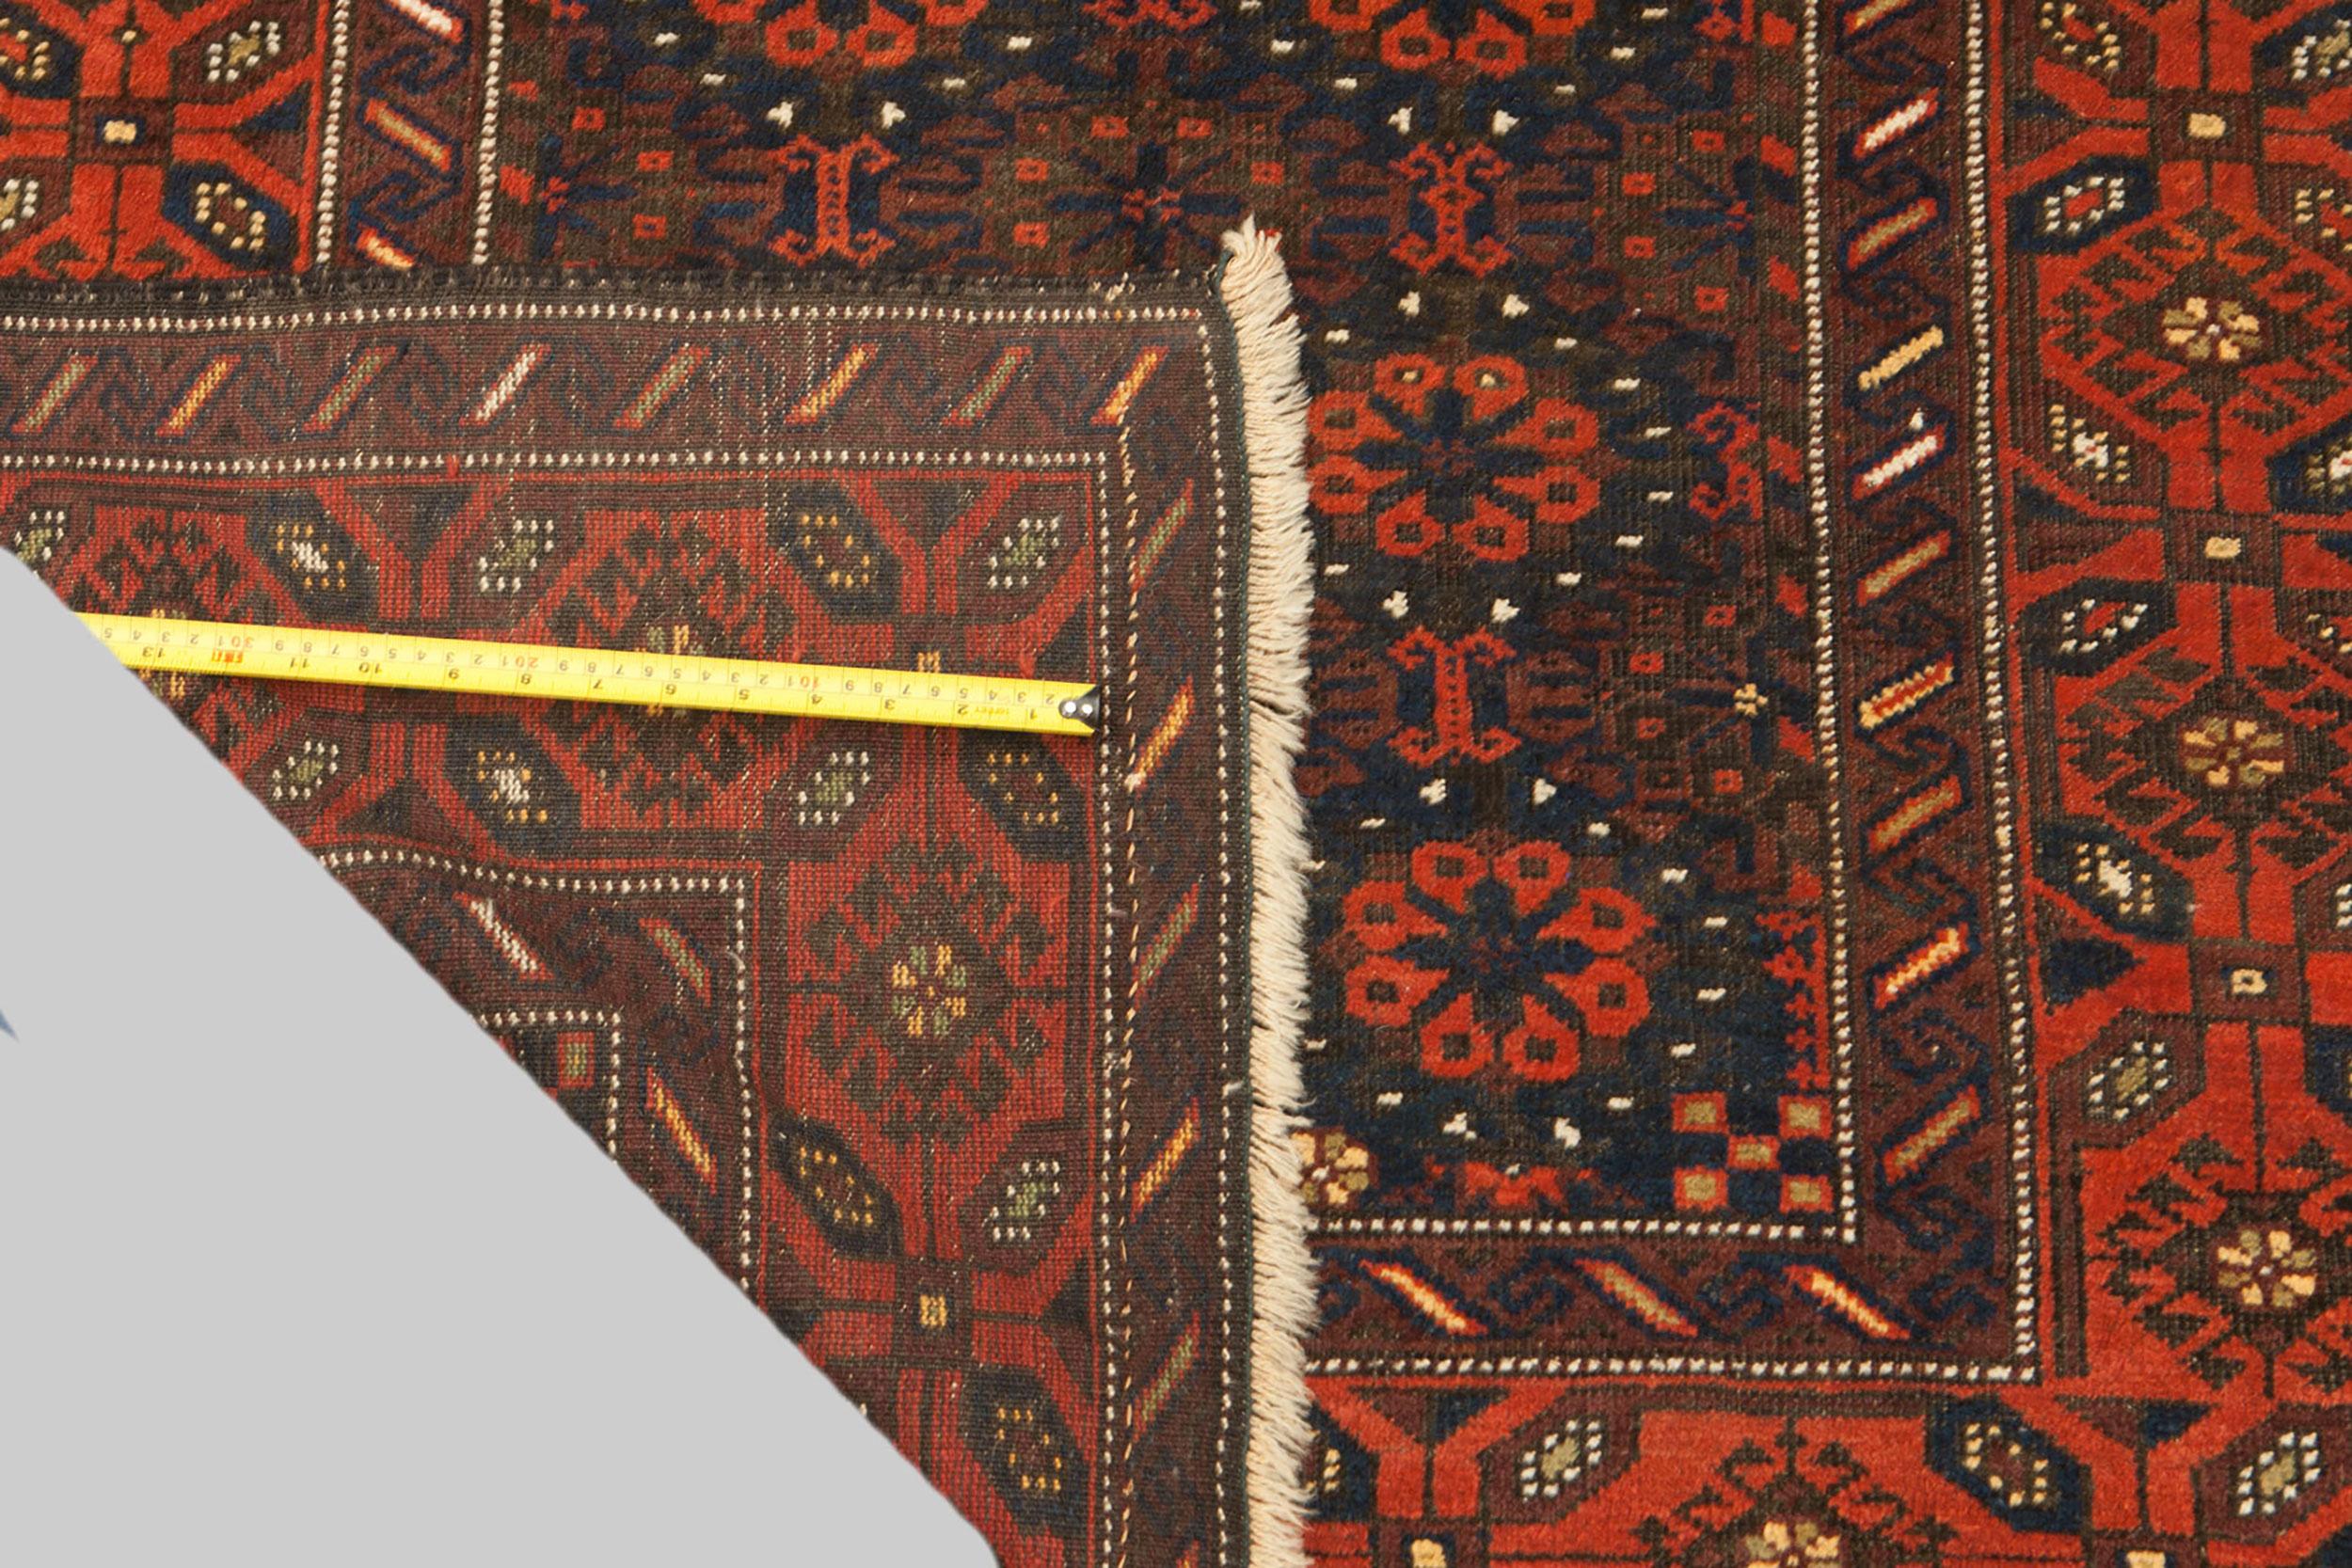 Antique Baluch Rug 198x118cm